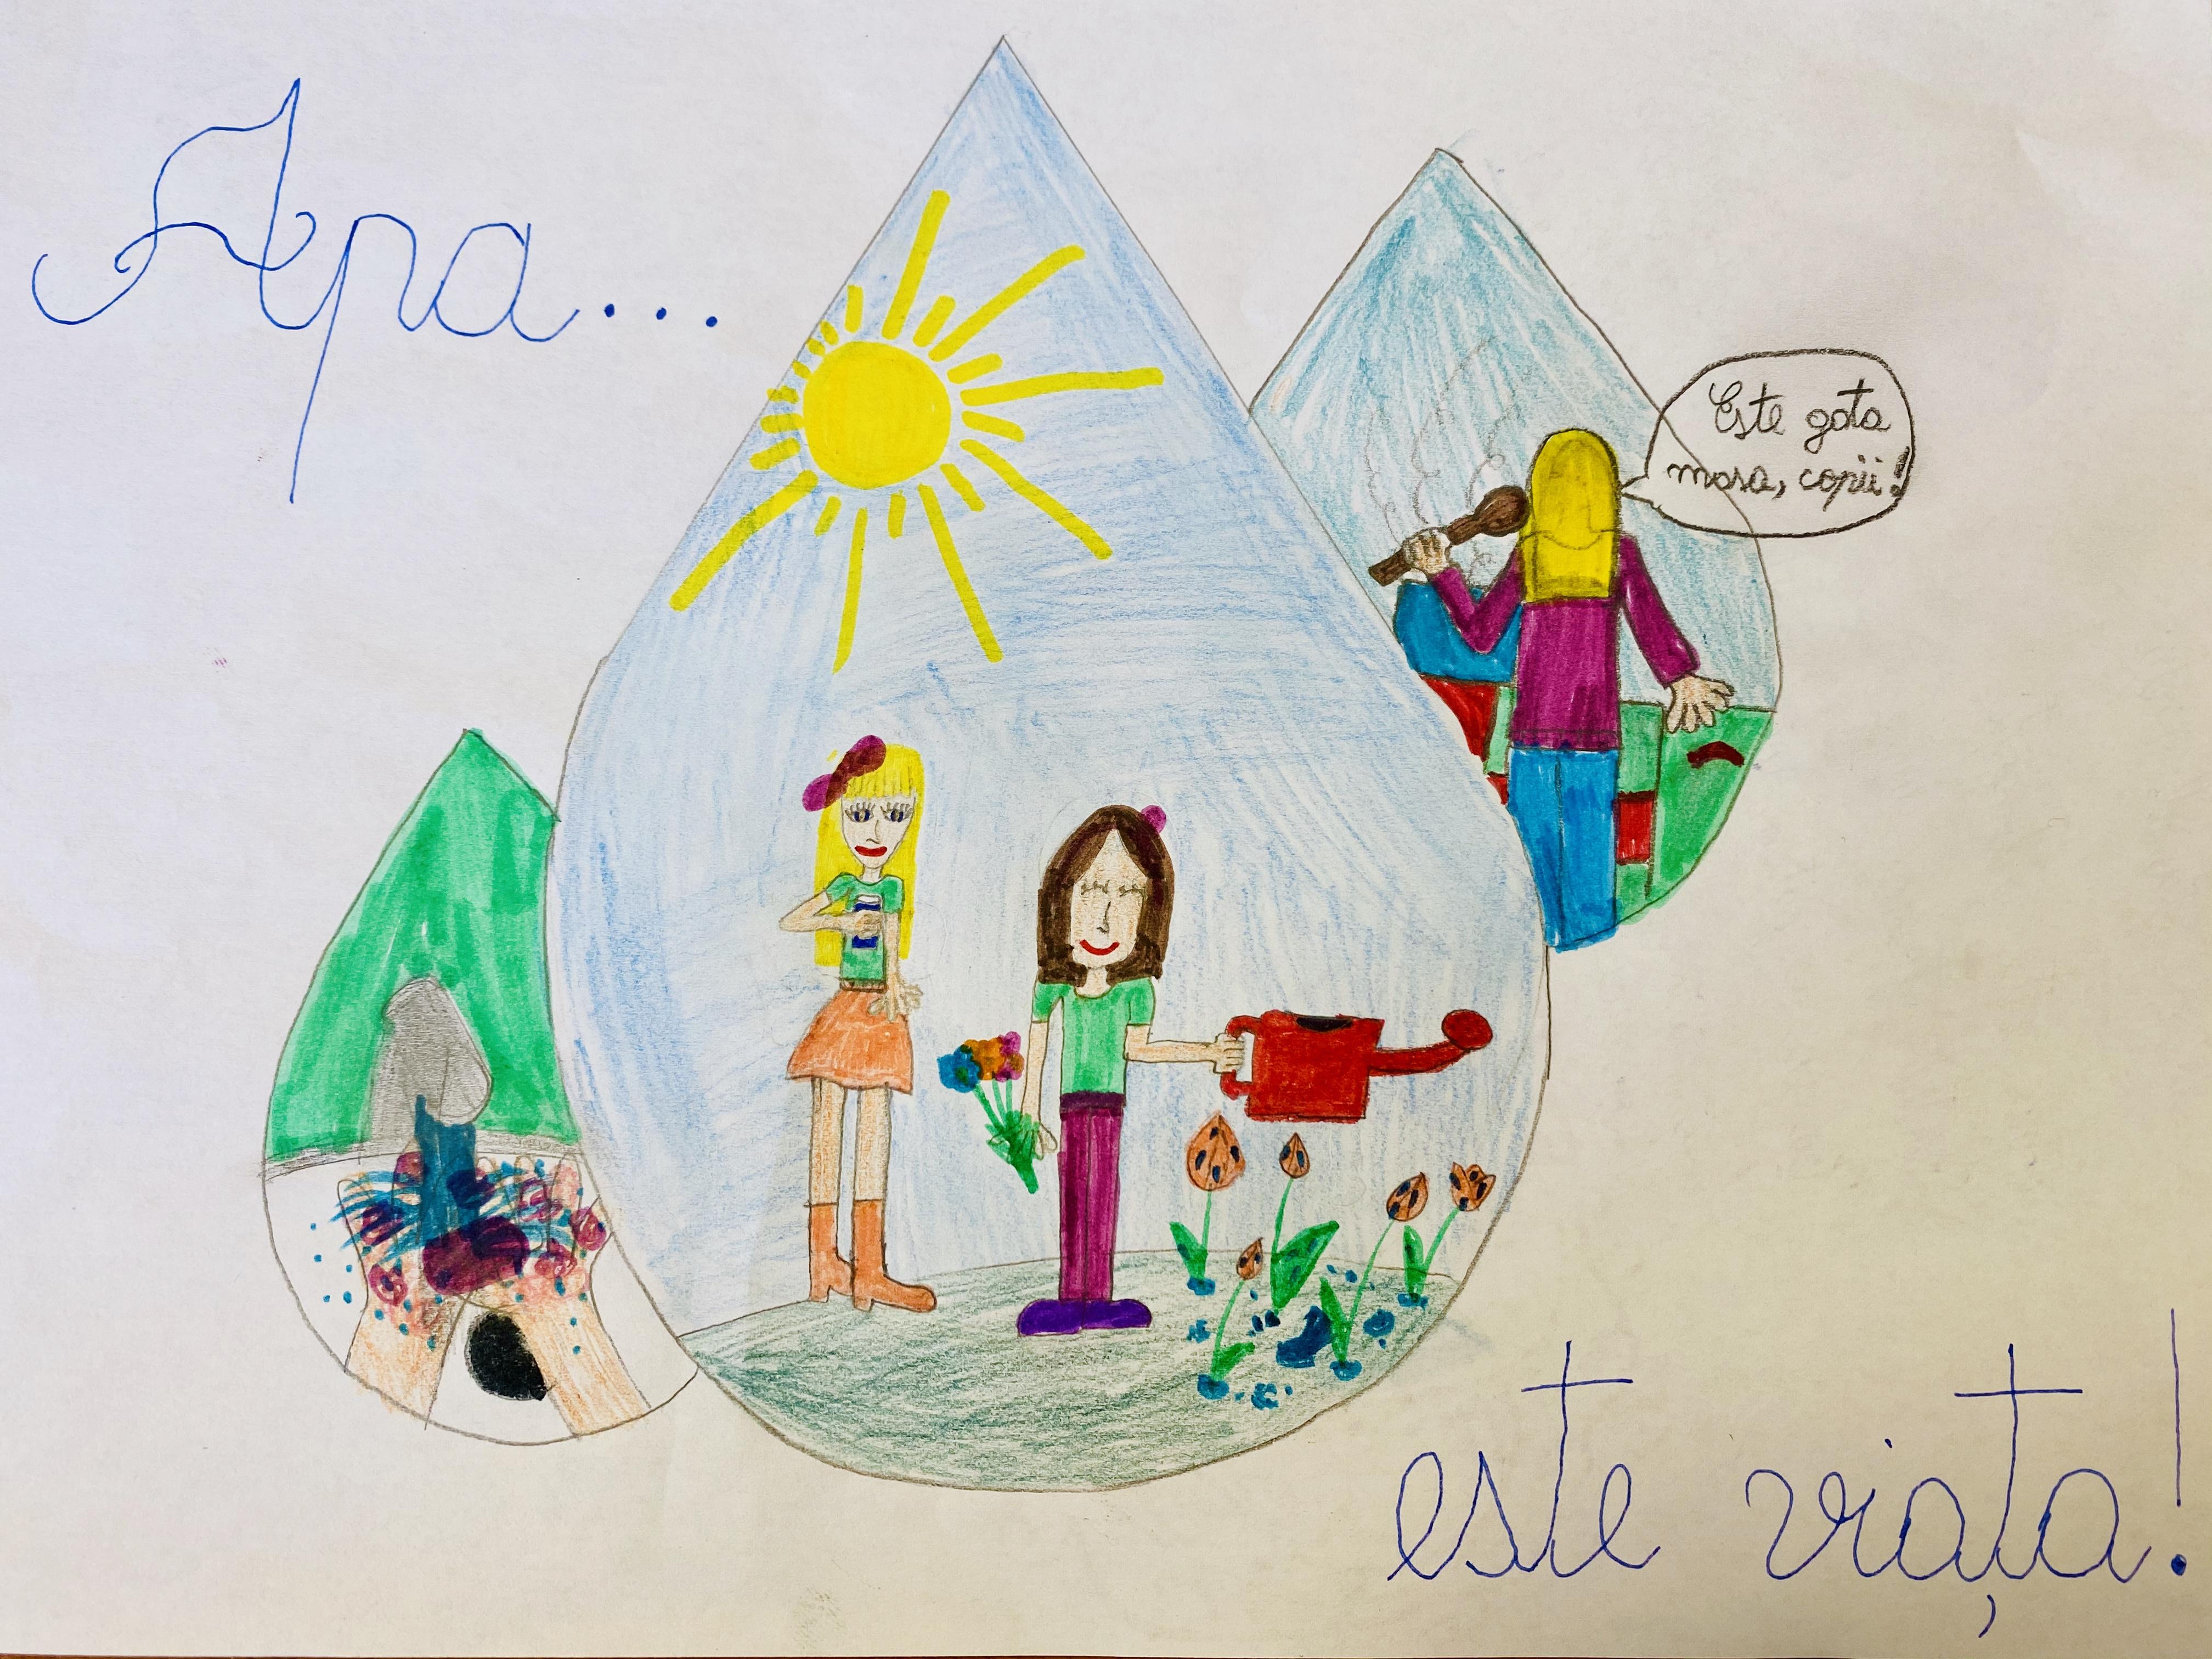 Desene realizate de copii de grădiniță cu ocazia Zilei Mondiale a Apei